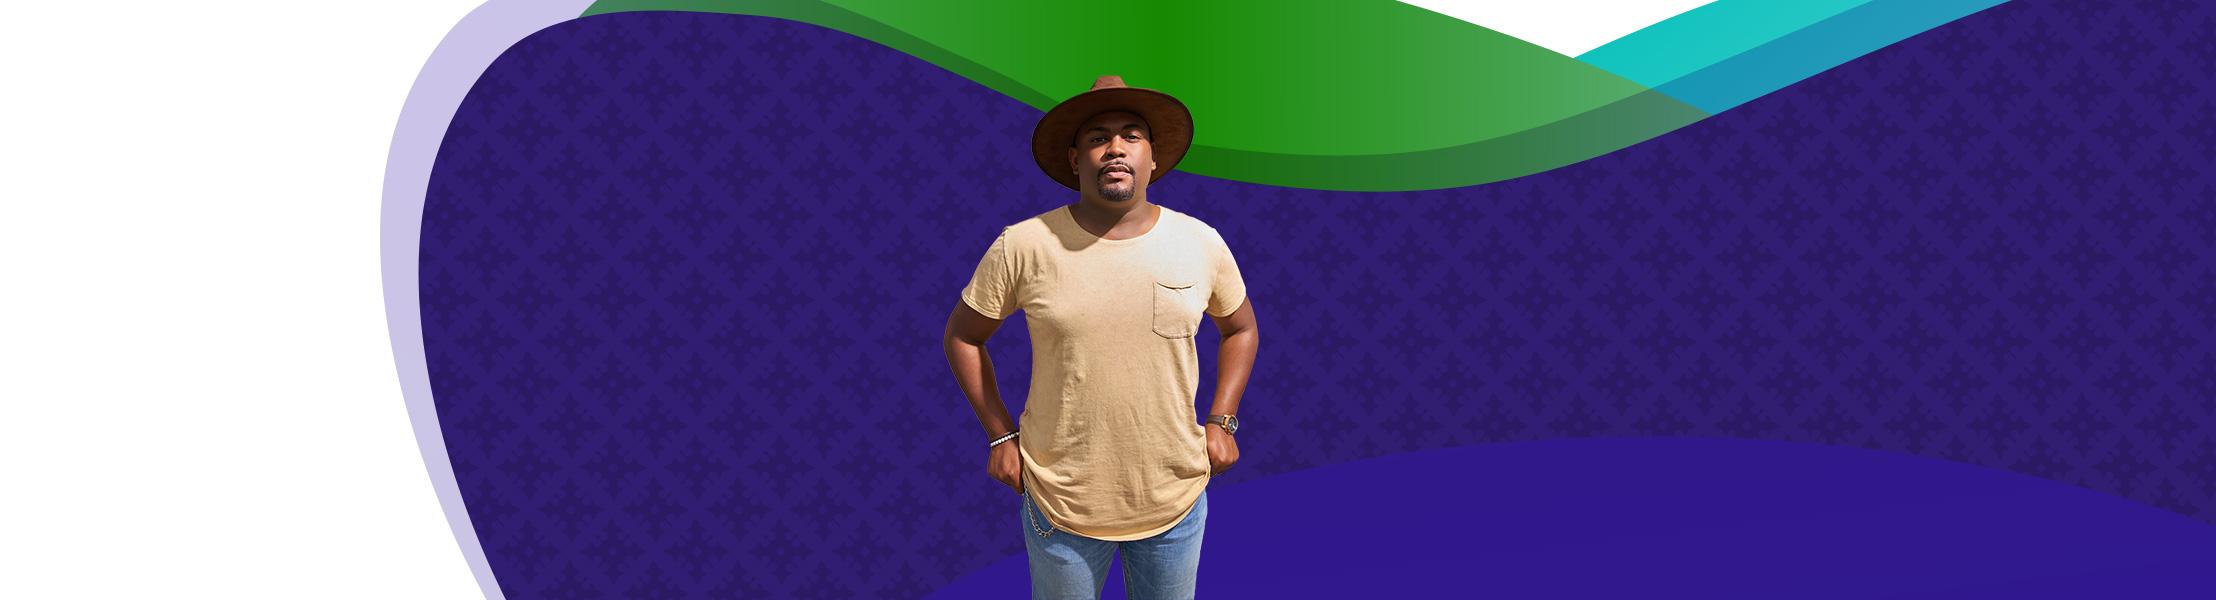 J-Darius: The Carver 2020 - 2021 Season